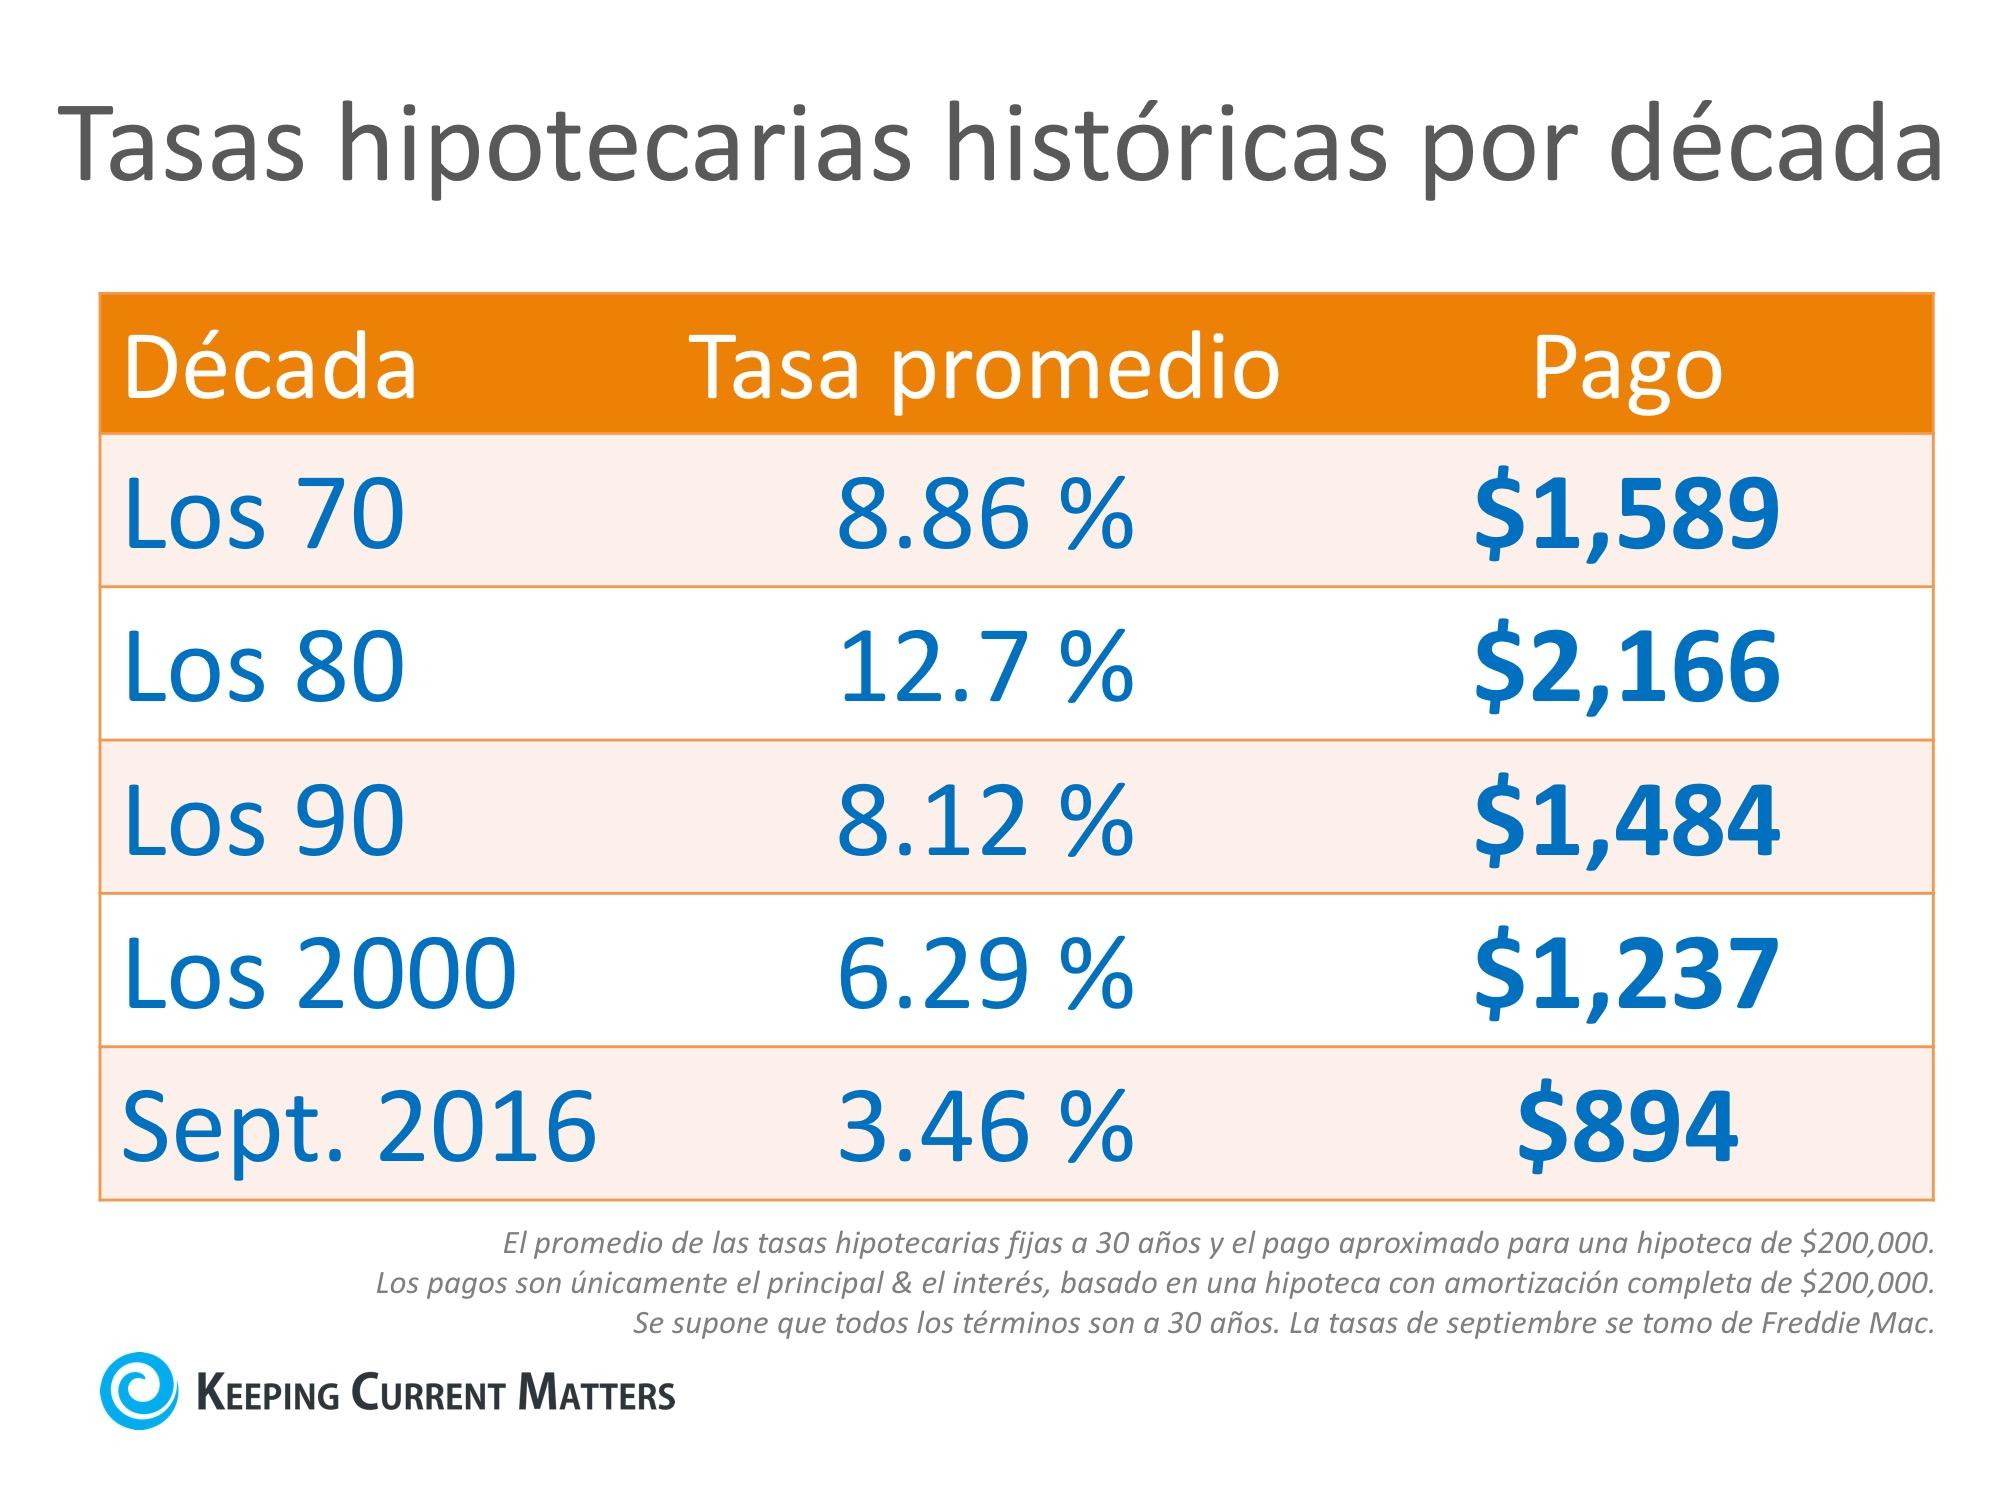 Tasas hipotecarias por década en comparación con el presente [infografía] | Keeping Current Matters